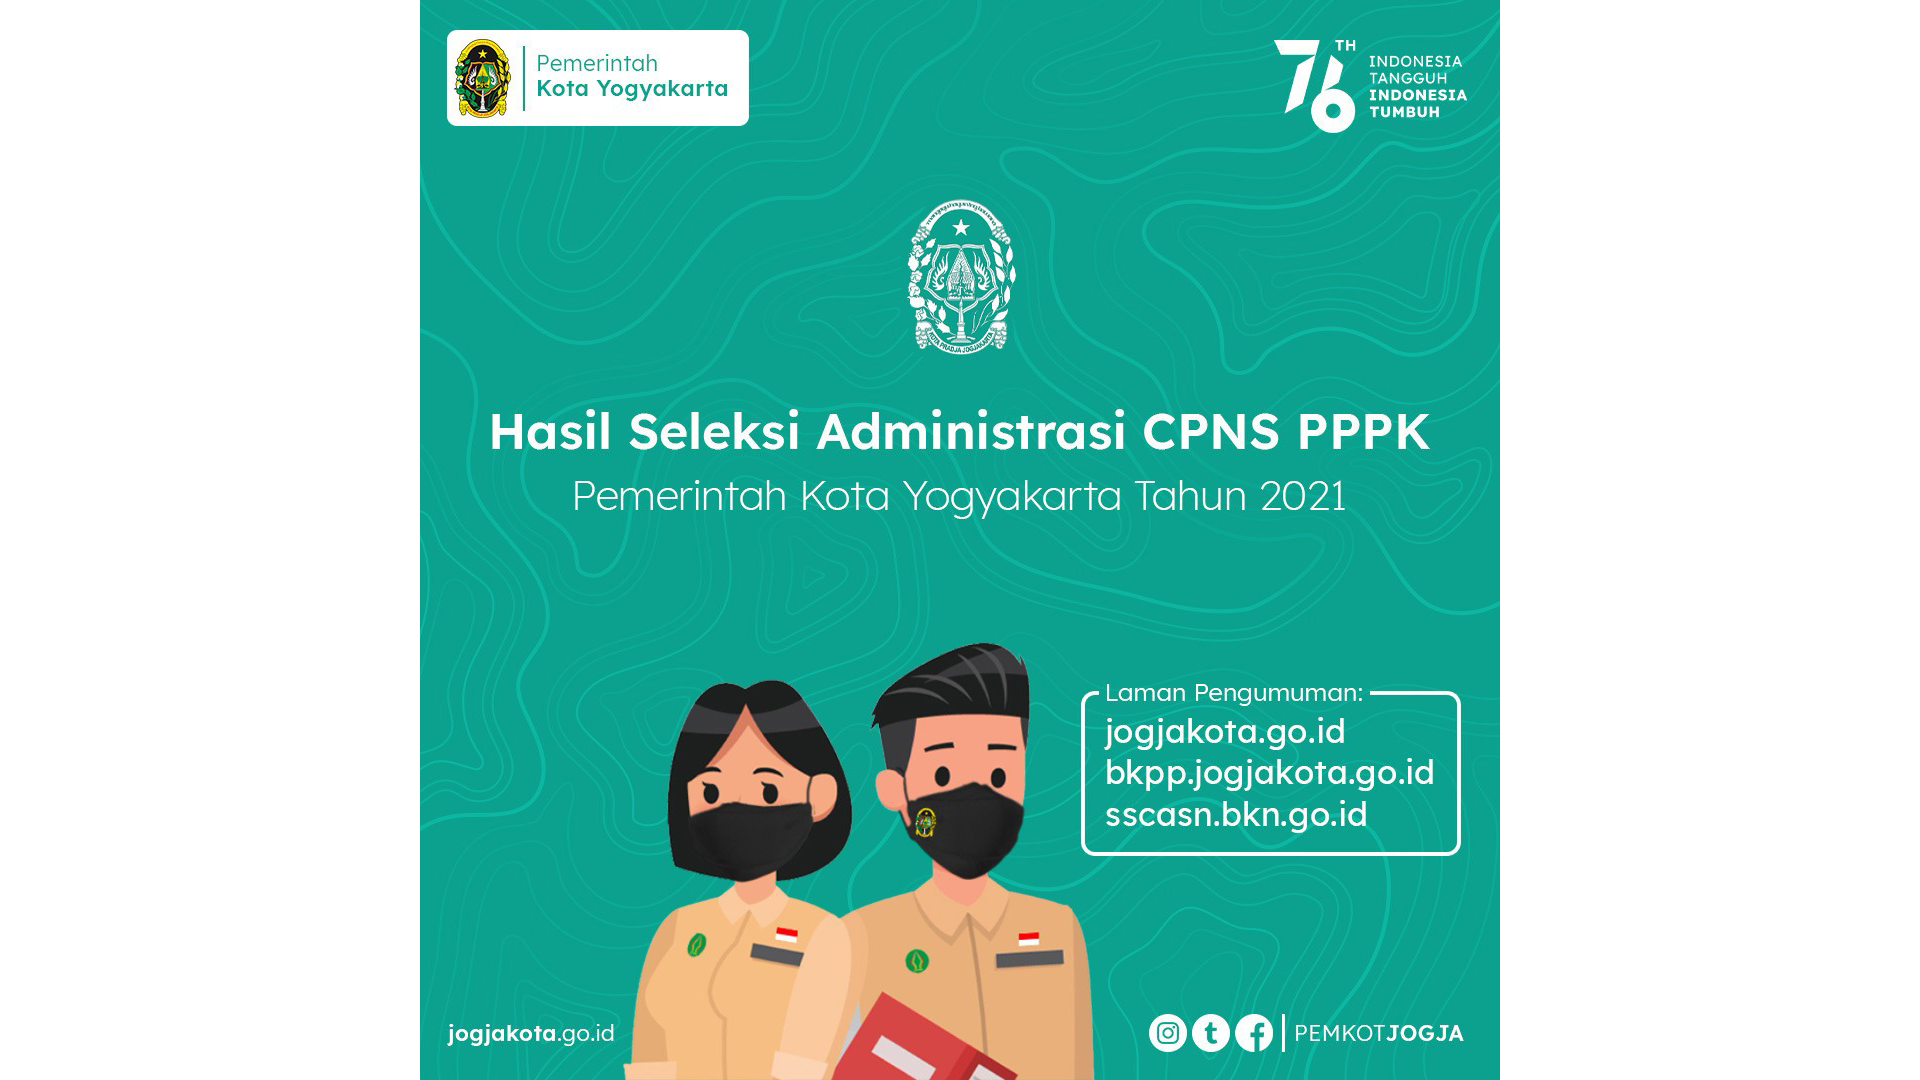 Hasil Seleksi Administrasi Pelaksanaan Seleksi Calon Aparatur Sipil Negara (ASN) di Lingkungan Pemerintah Kota Yogyakarta Tahun Anggaran 2021